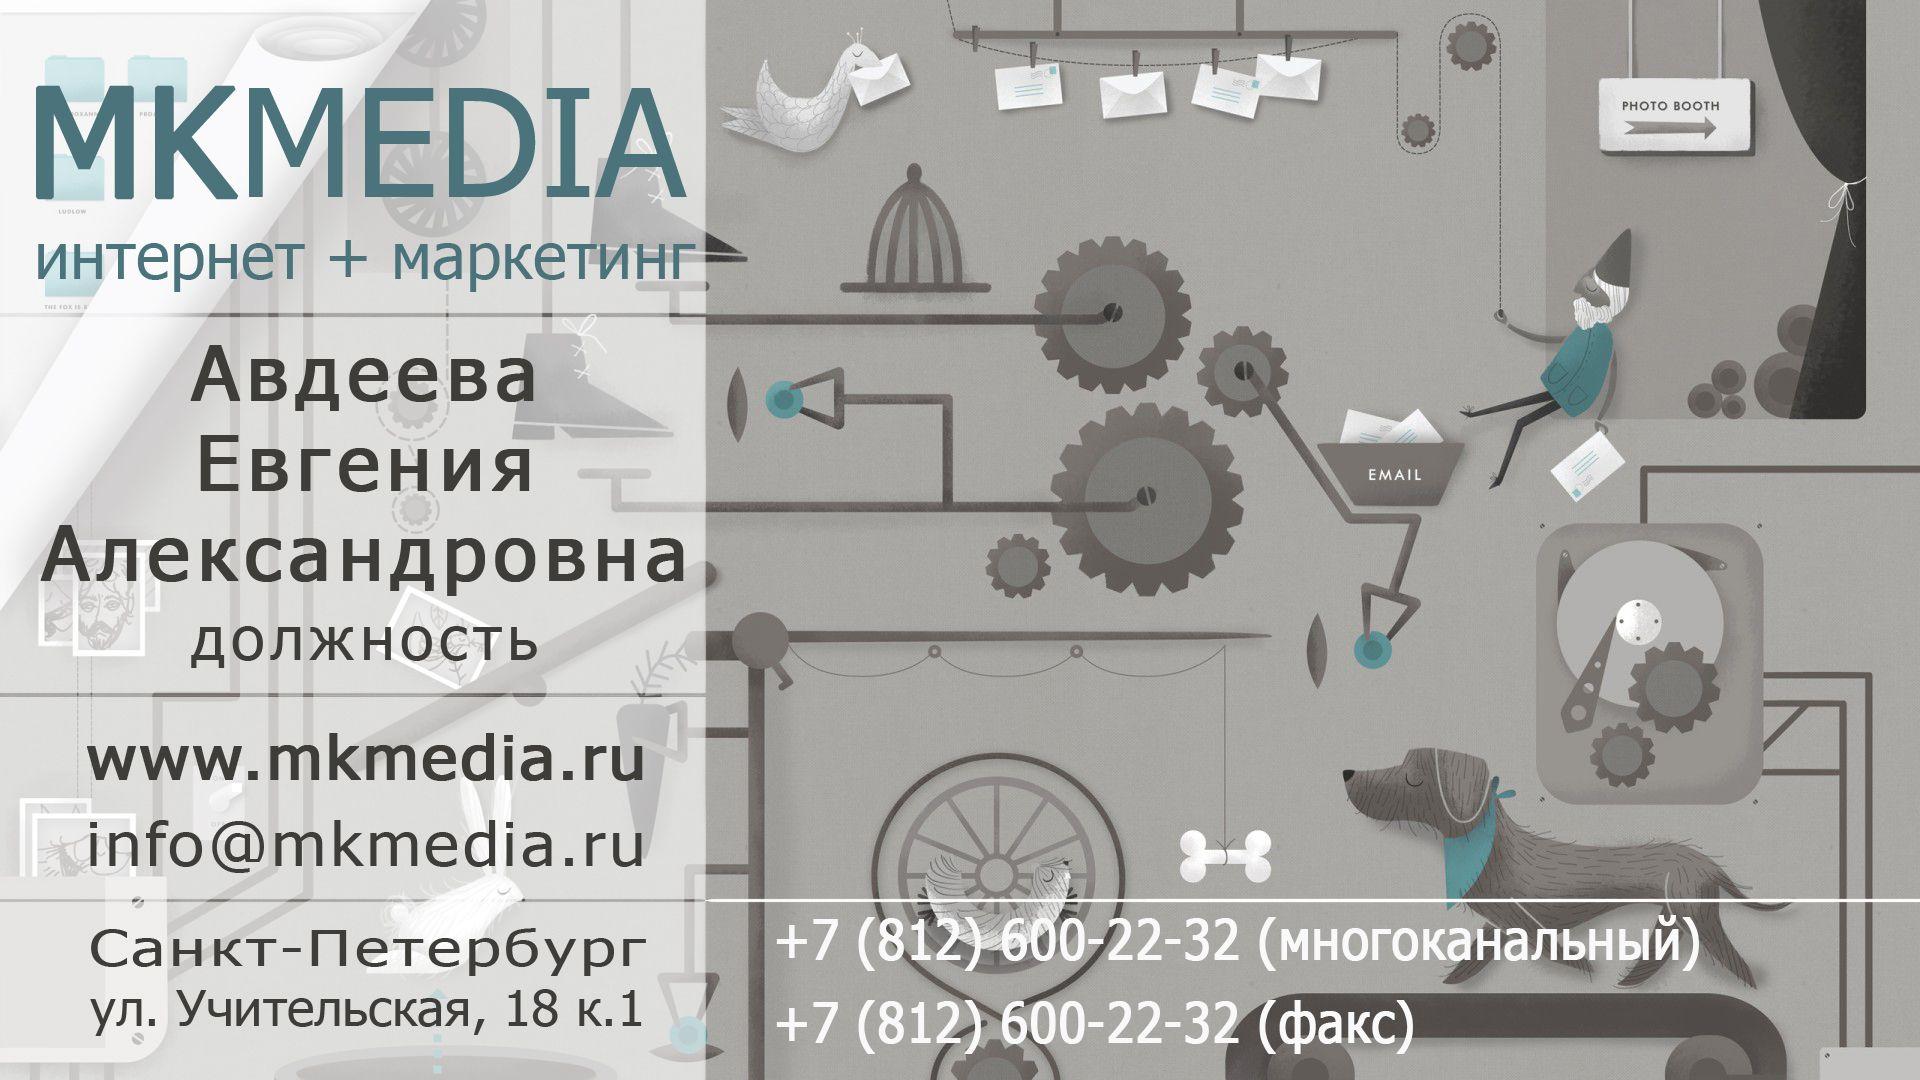 Разработка дизайна визитной карточки - дизайнер lallka